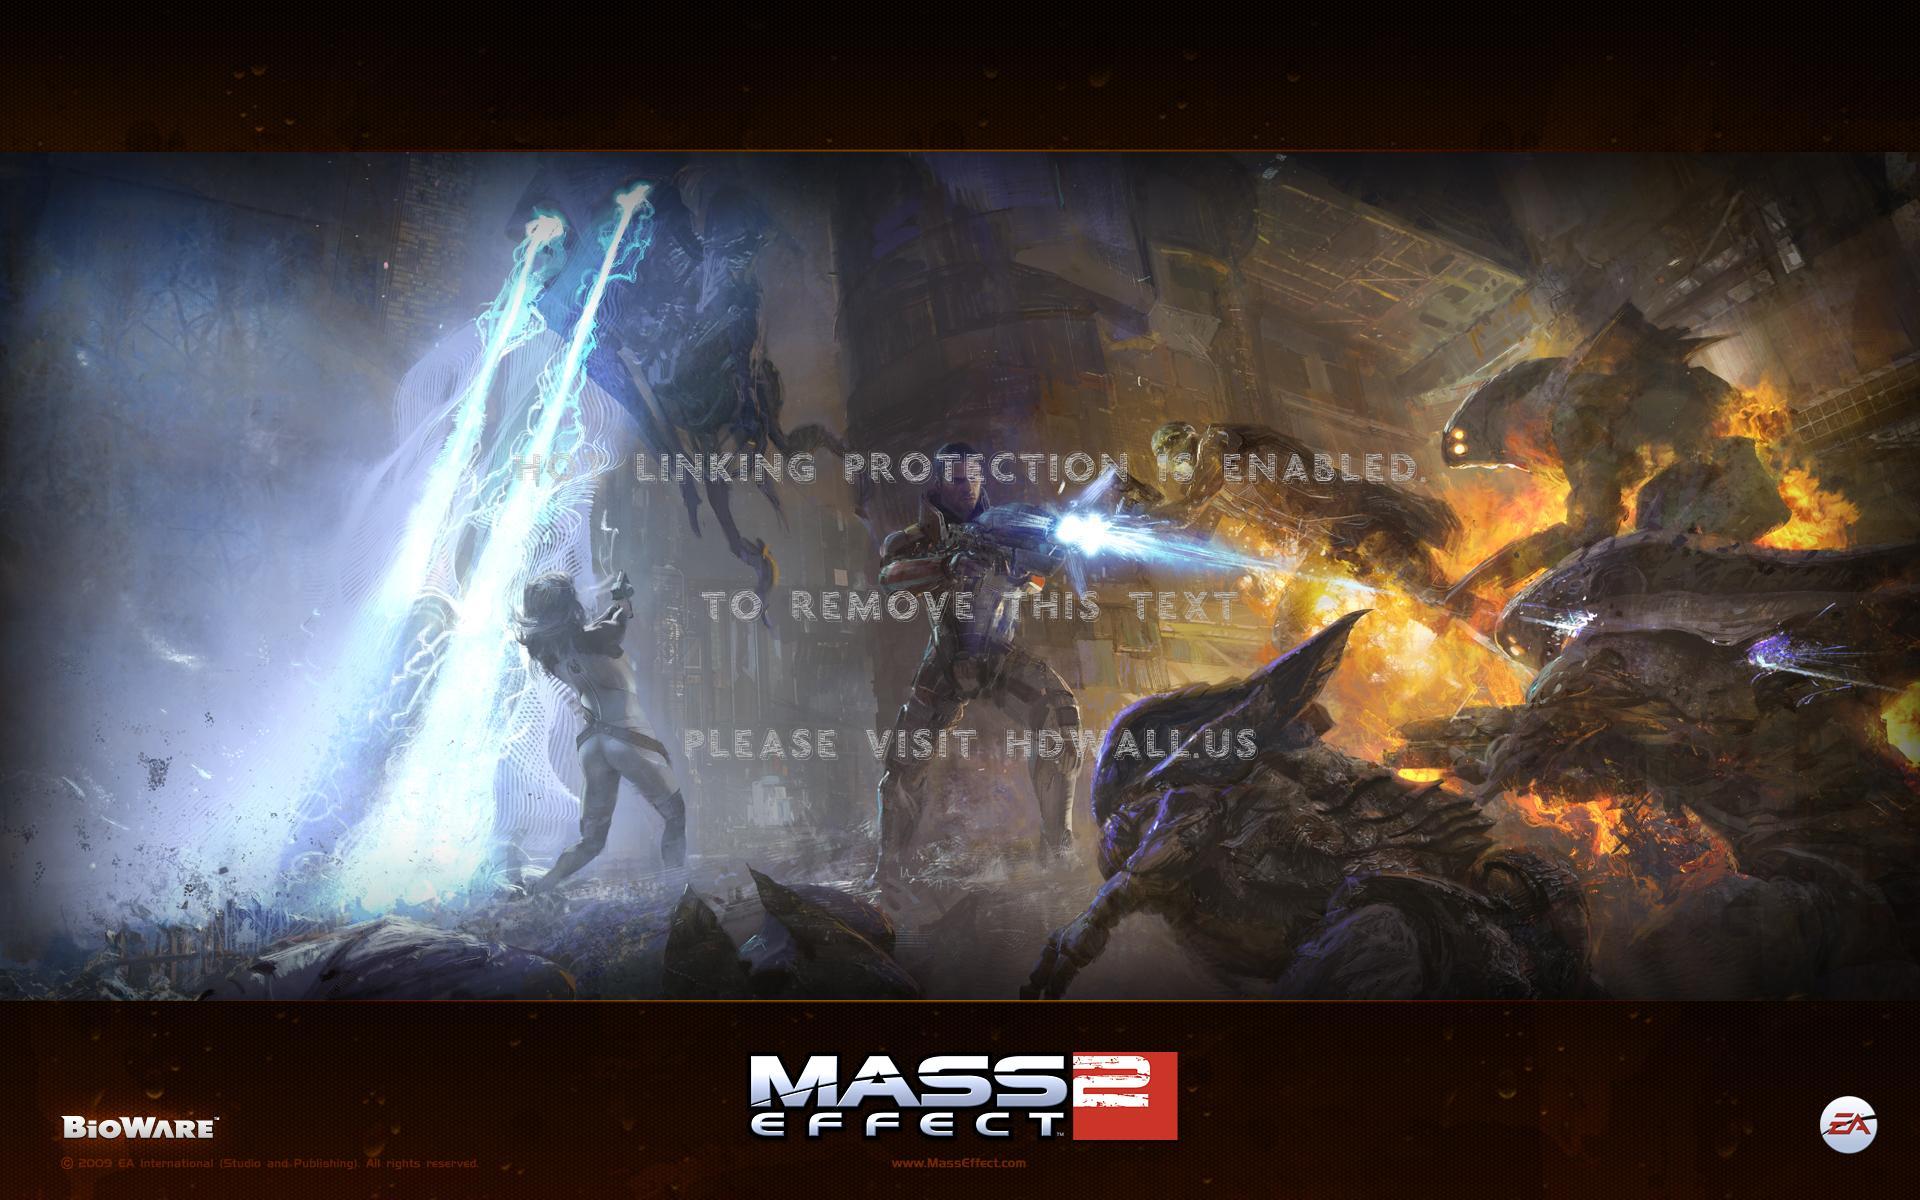 Download Mass Effect Shepard Wallpaper Hd Backgrounds